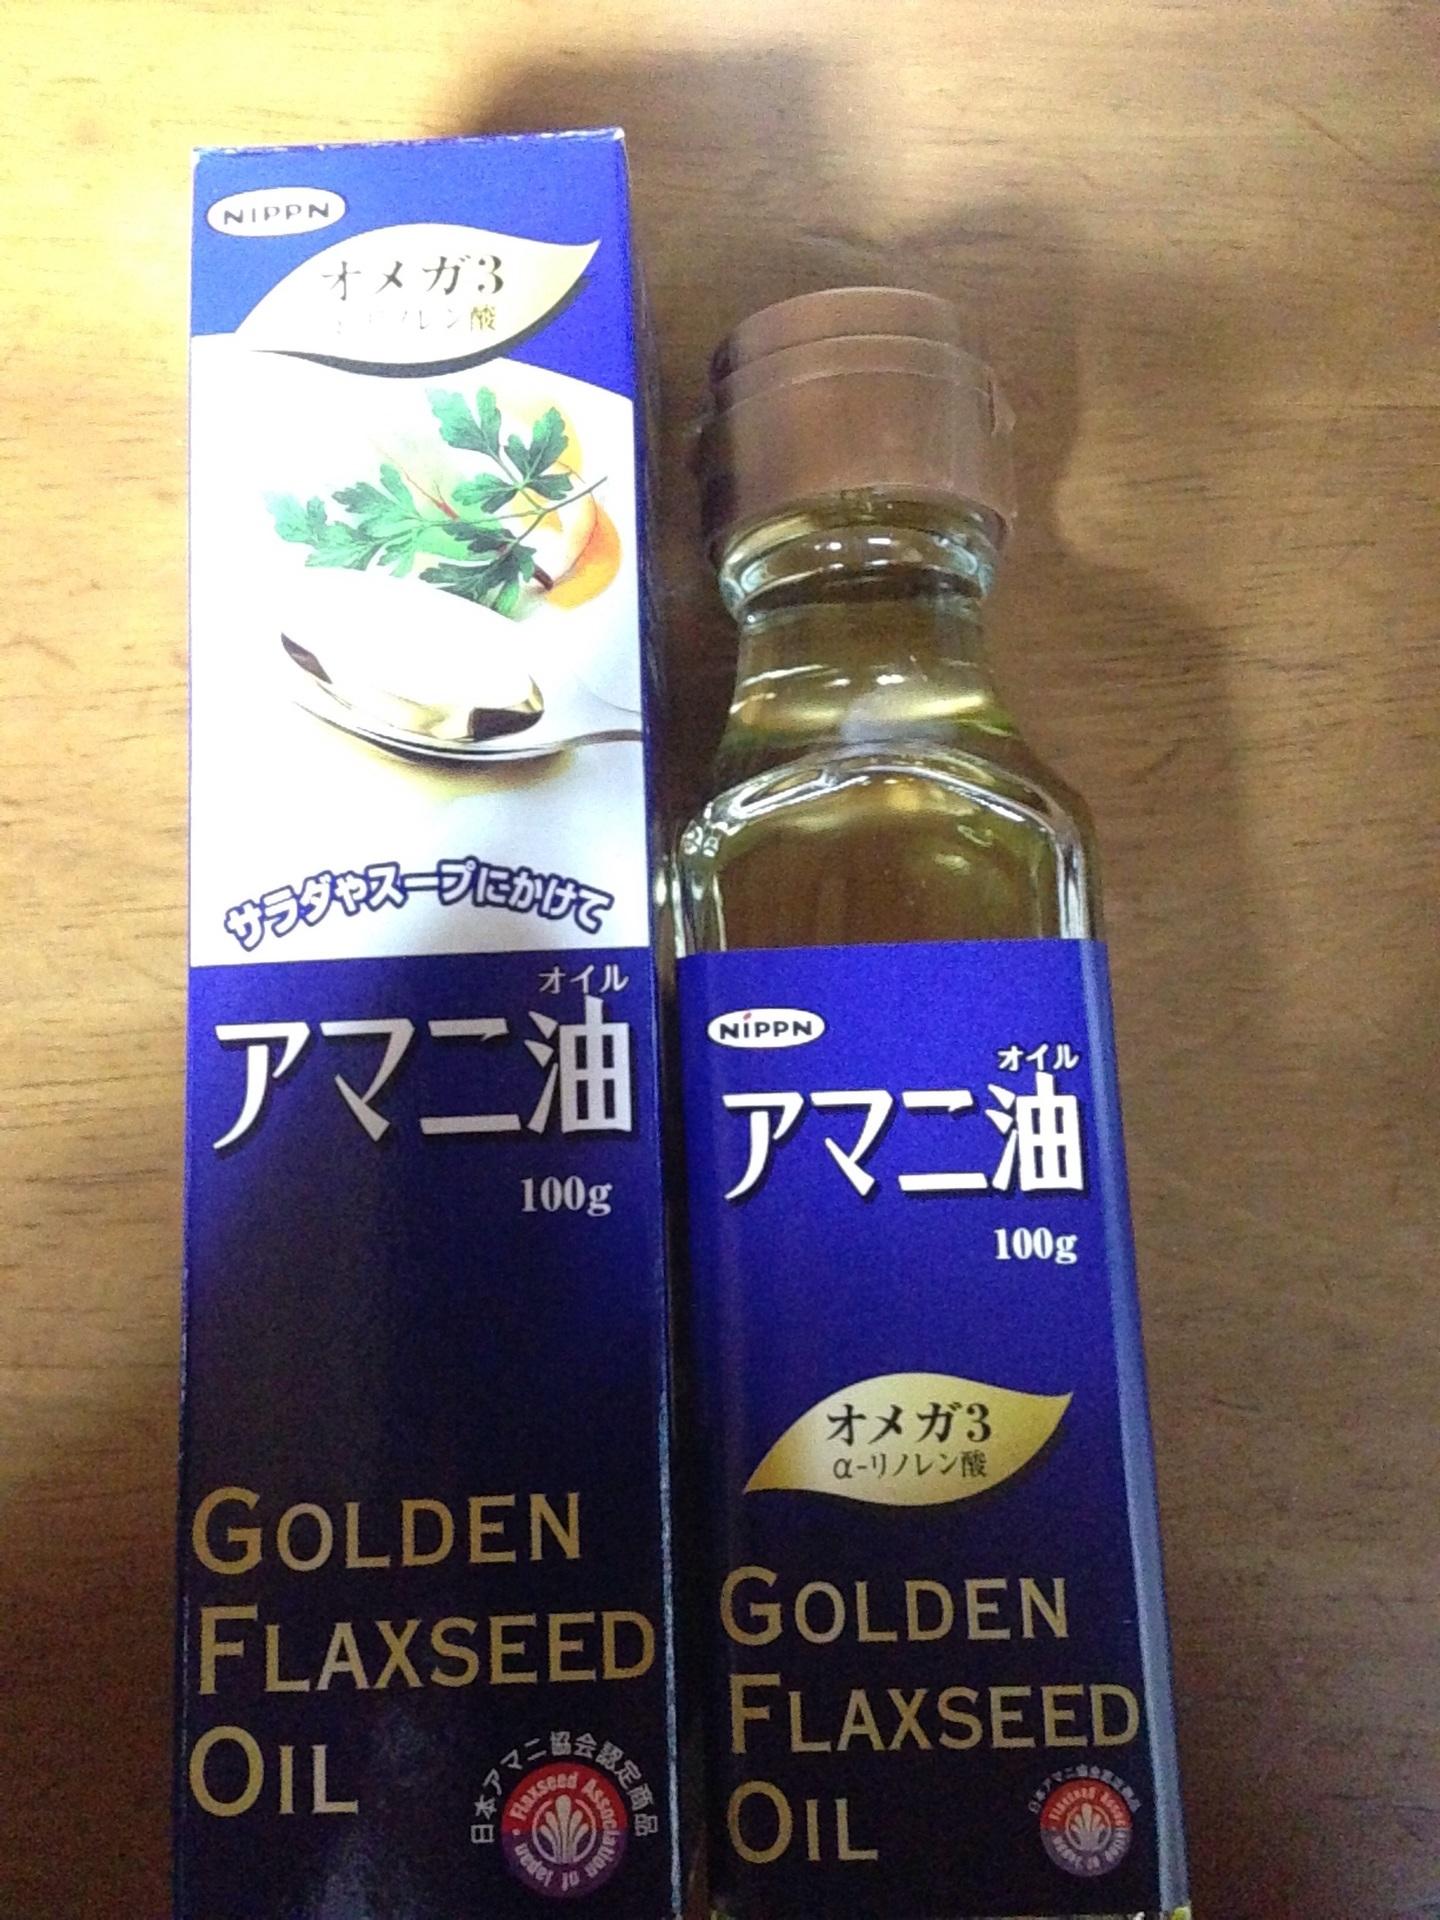 アトピー 亜麻仁 油 亜麻仁油(アマニ油)ってどんな油?その効果・効能は?ダイエットやアトピーにも良い?